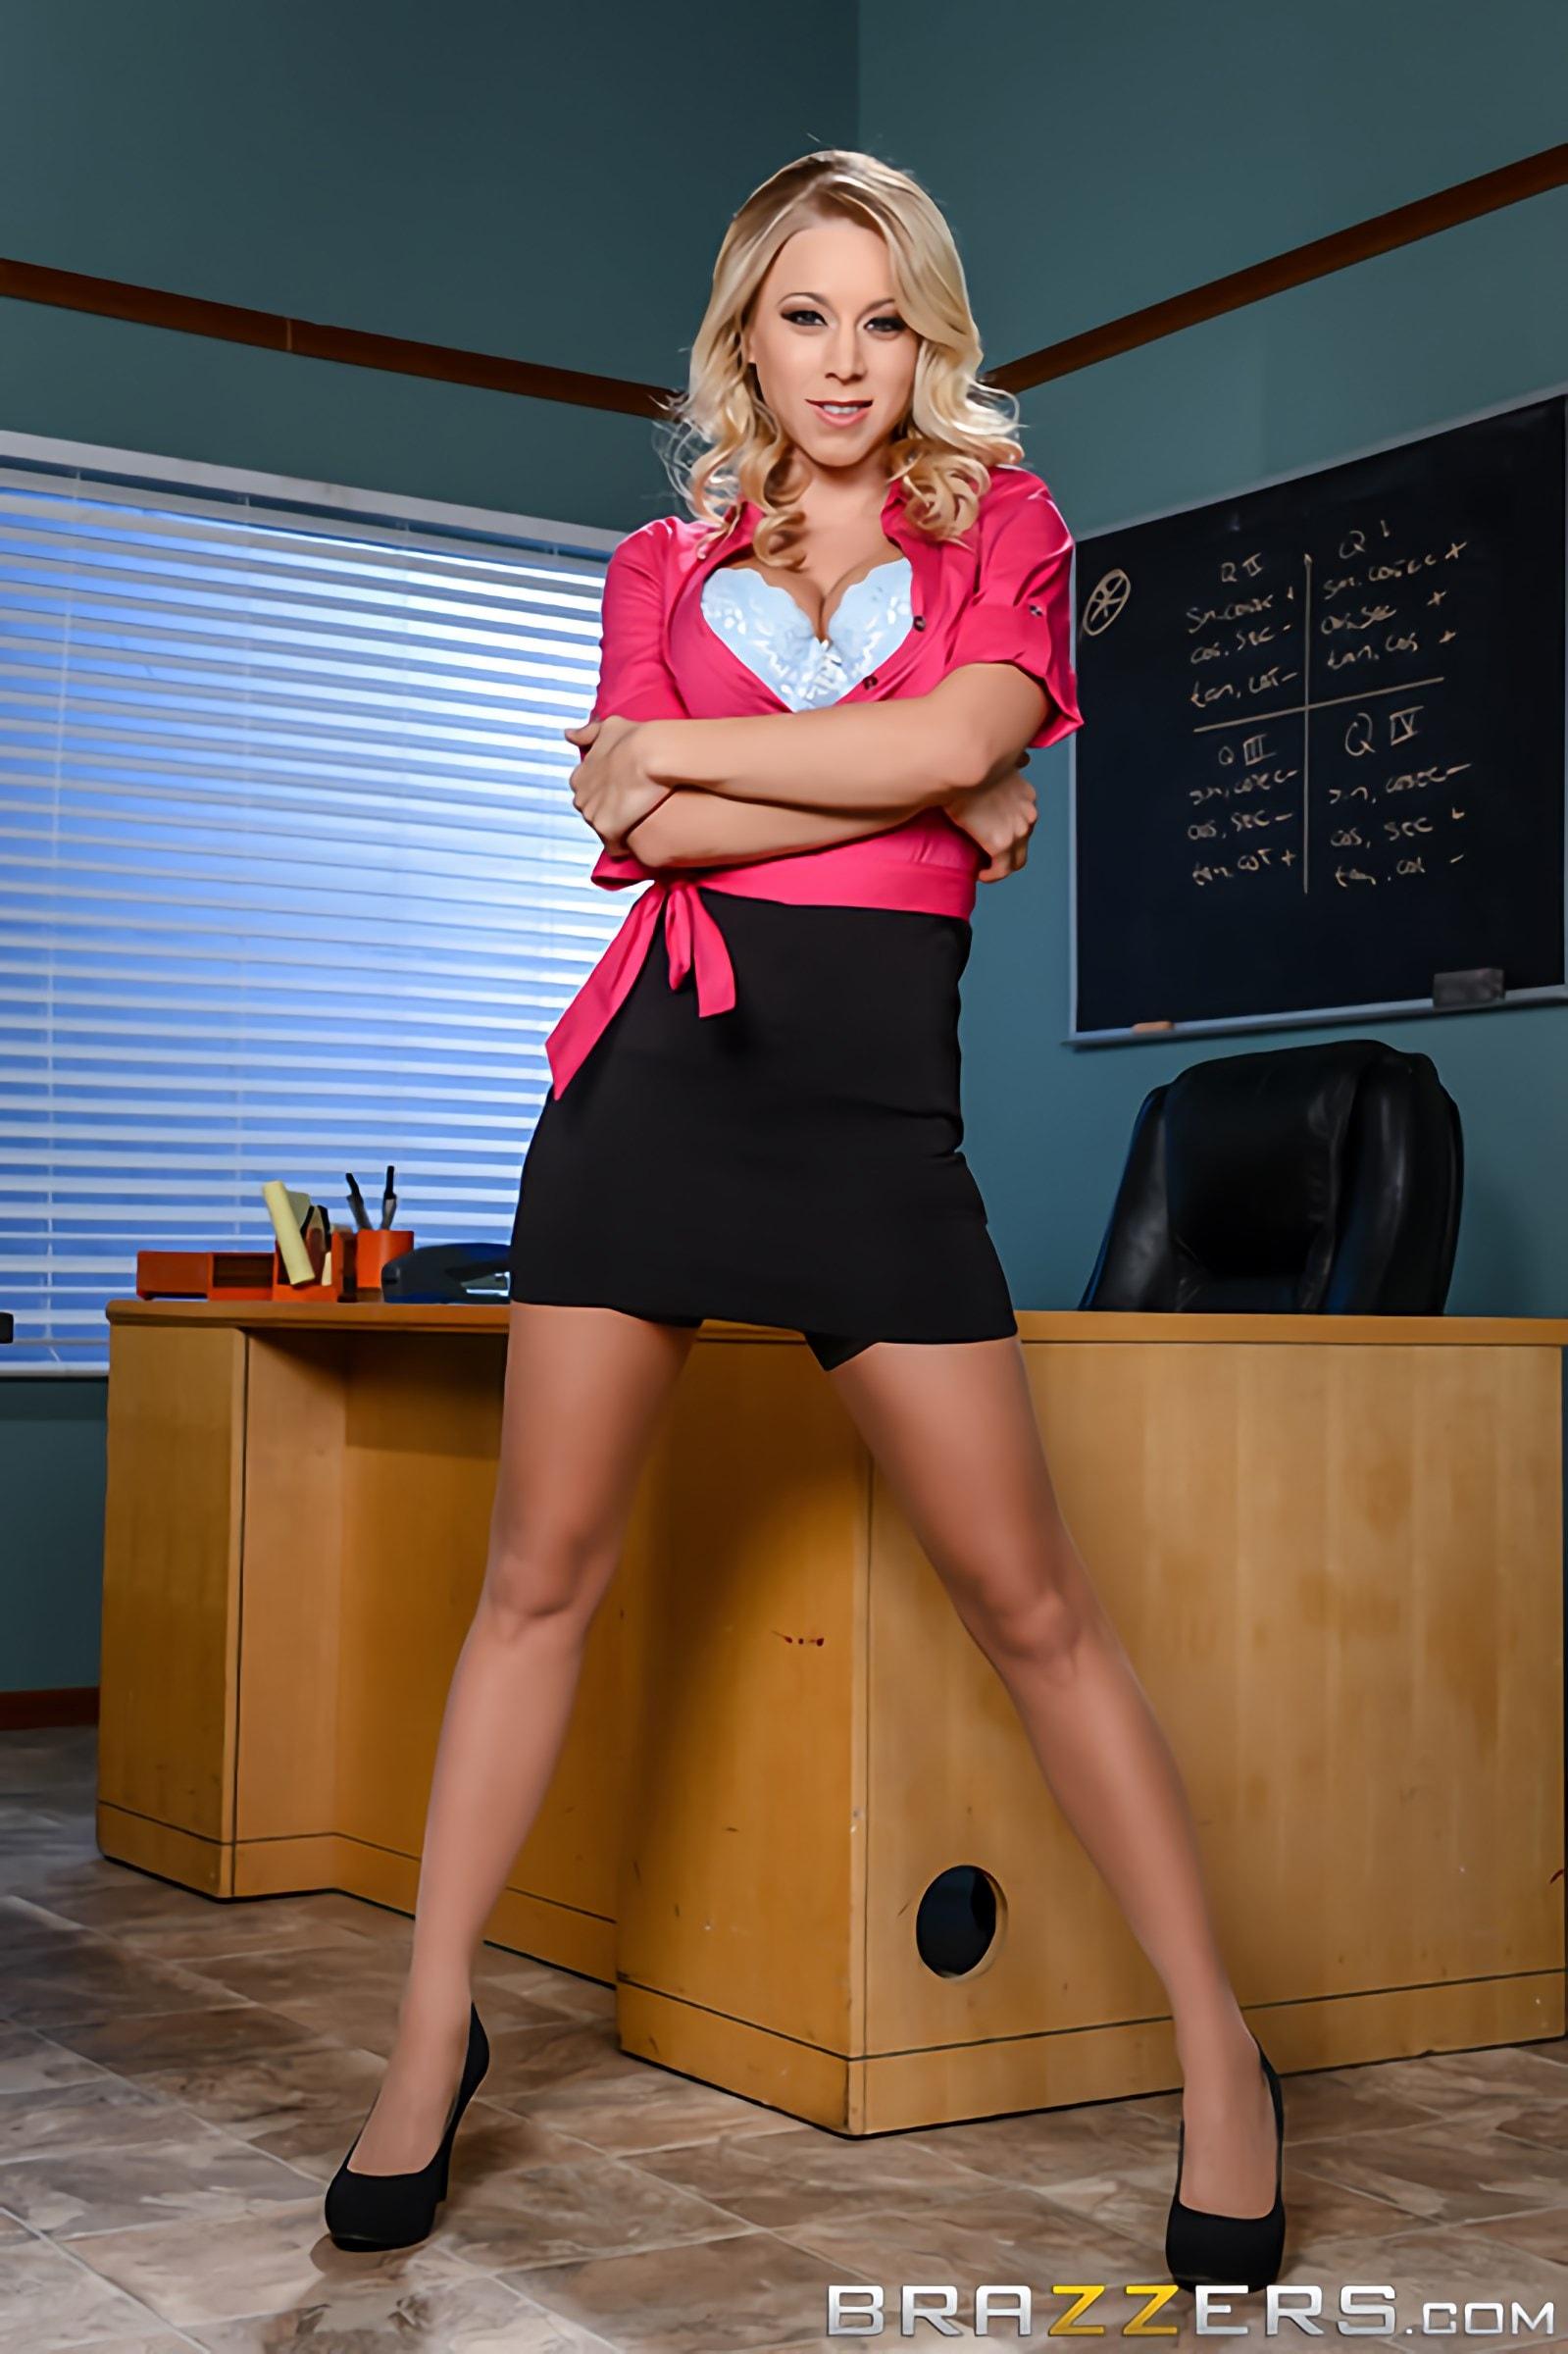 Brazzers 'Teacher Takes Advantage' starring Katie Morgan (Photo 7)